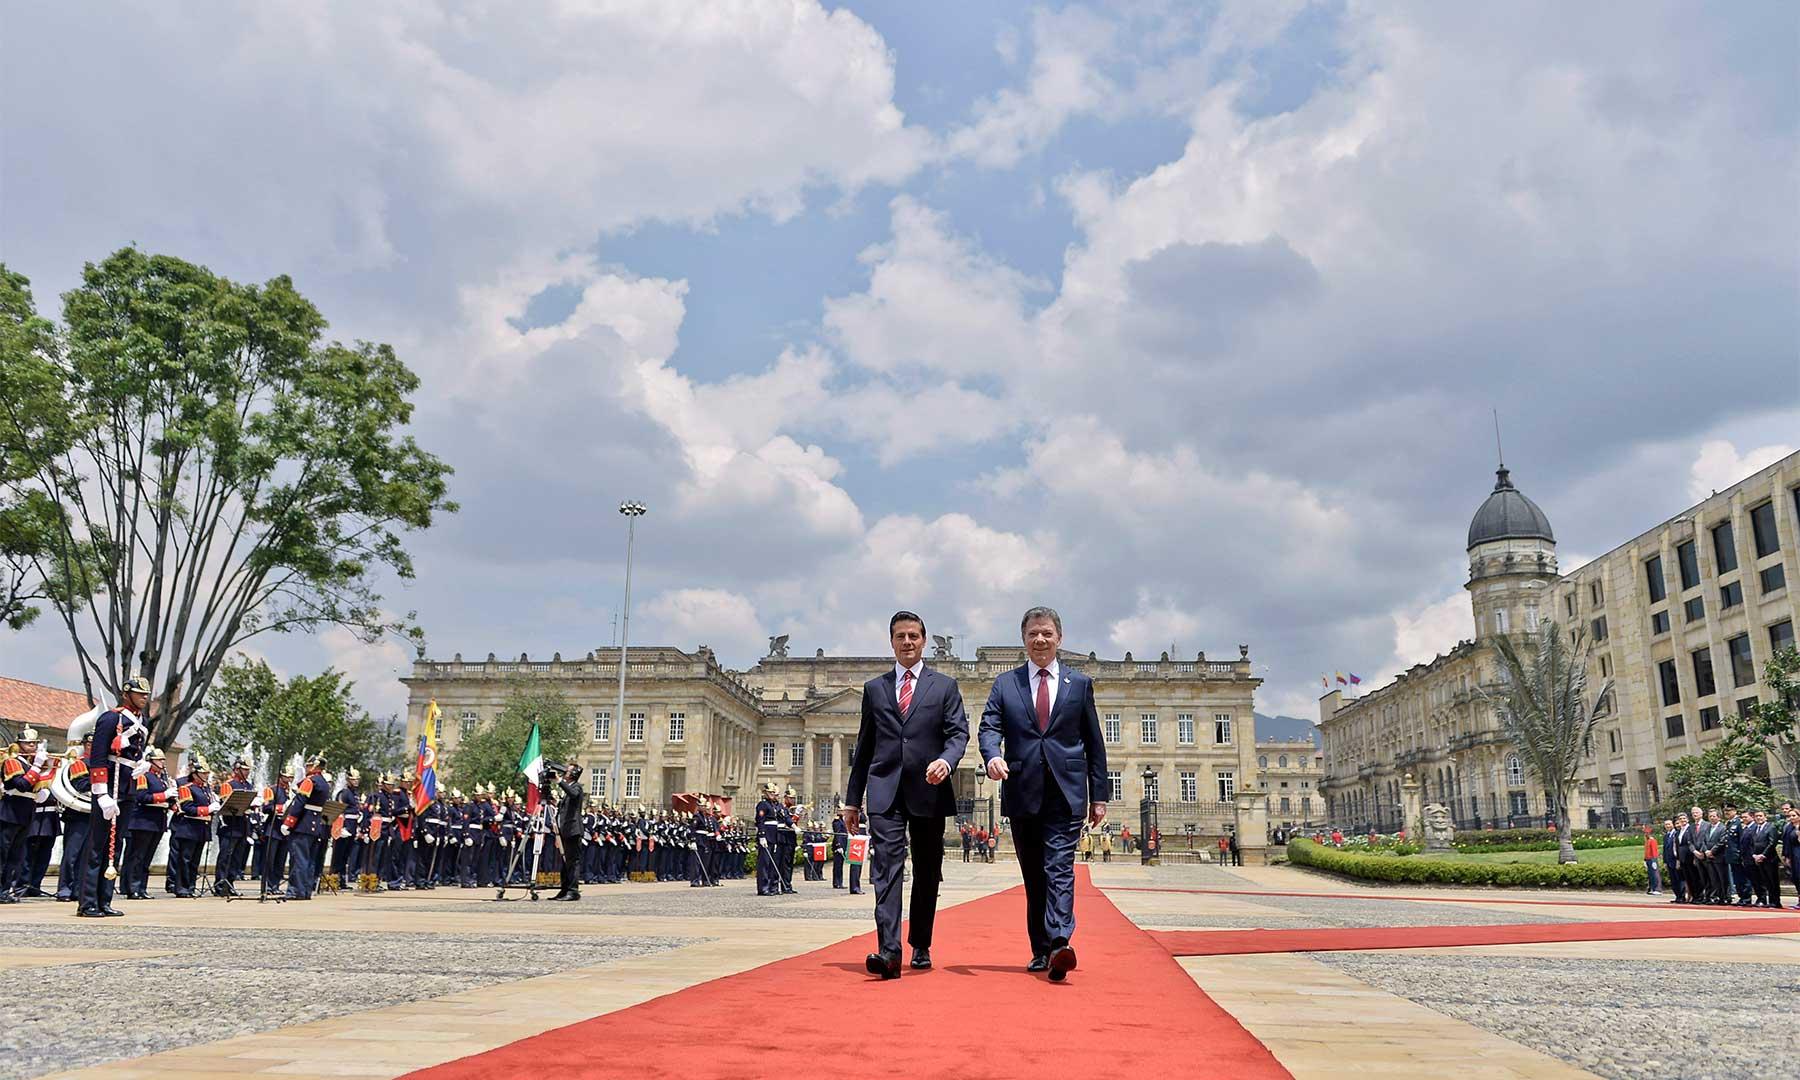 Los Presidentes de Colombia y México pasan revista a las tropas durante la ceremonia efectuada en la Plaza de Armas, poco antes de iniciar las reuniones previstas entre los dos Mandatarios.